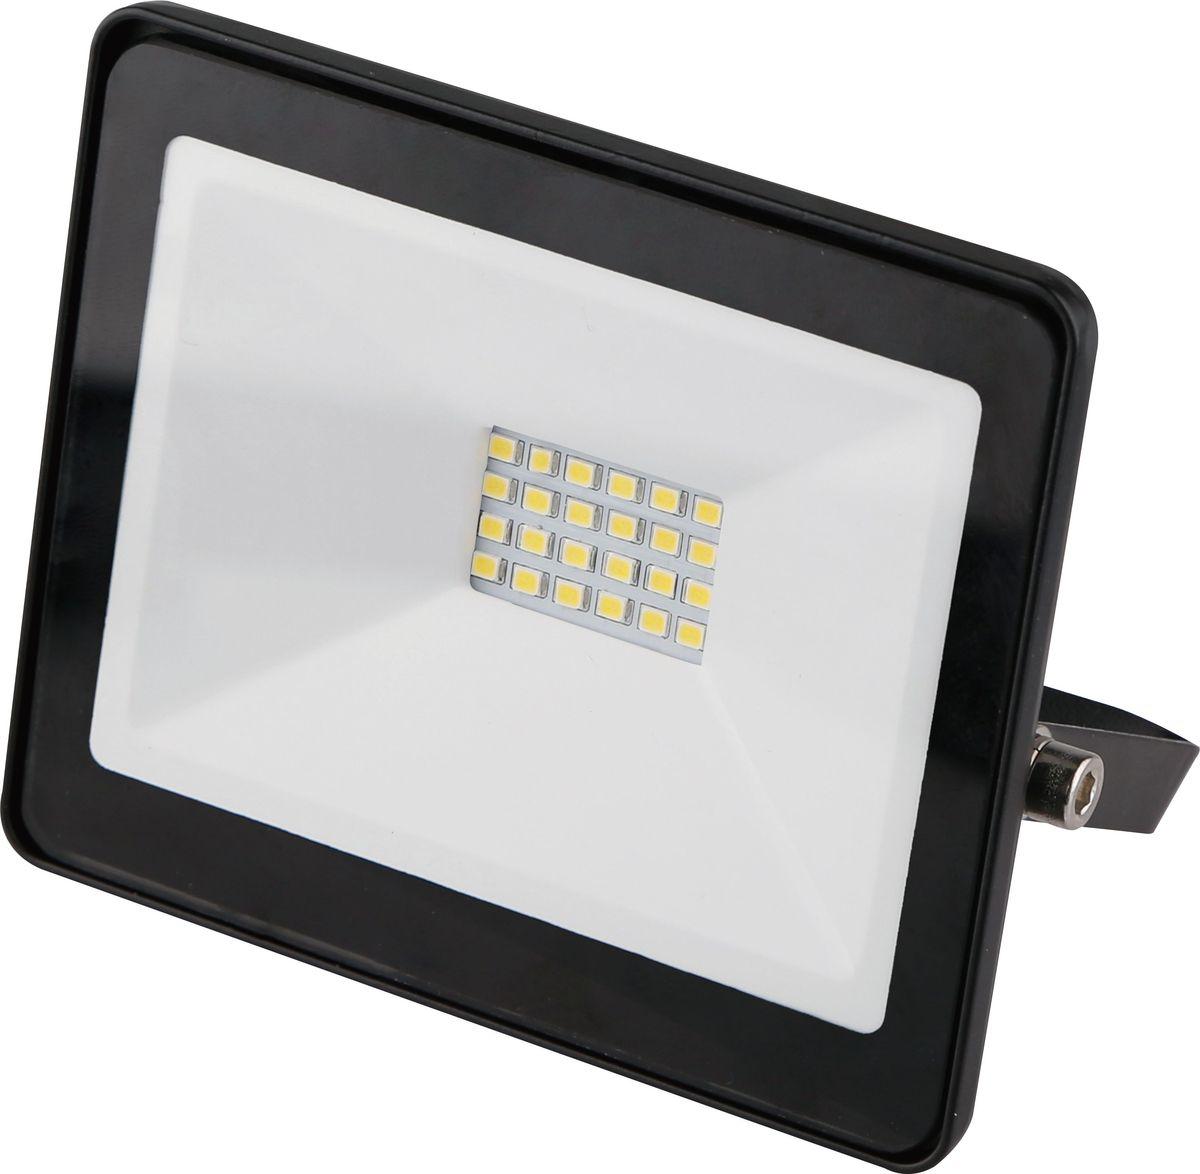 Прожектор светодиодный REV Ultra Slim, 20 W, 6500 К. 32301 332301 3Светодиодный супертонкий прожектор. Предназначен для освещения большого пространства или подсветки объектов и сооружений различного назначения. Корпус прожектора выполнен из металла. В качестве рассеивателя используется ударопрочное прозрачной стекло. Светоотражатель - алюминиевая фольга. Конструкция и применяемые при изготовлении материалы обеспечивают высокую механическую прочность и защиту от пыли и влаги по классу IP65.Потребляемая мощность 20Вт. Эффективность >80Лм/Вт. Прожектор крепится к монтажной поверхности стальной опорной скобой, которая обеспечивает простой монтаж и степень свободы при направлении корпуса изделия.